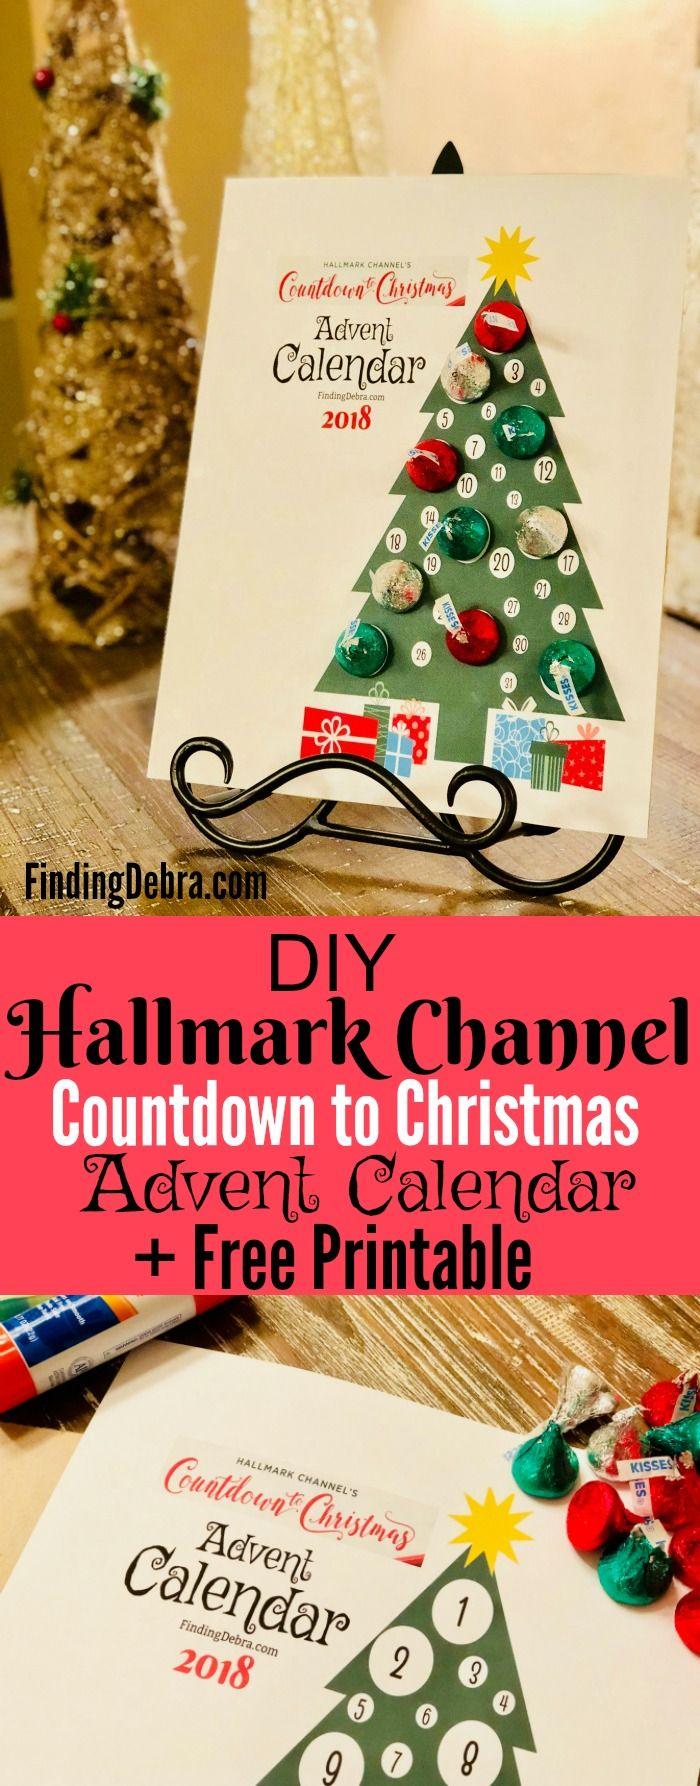 Diy Hallmark Channel Countdown To Christmas Advent Calendar Free Printable Christmas Countdown Christmas Advent Christmas Calendar